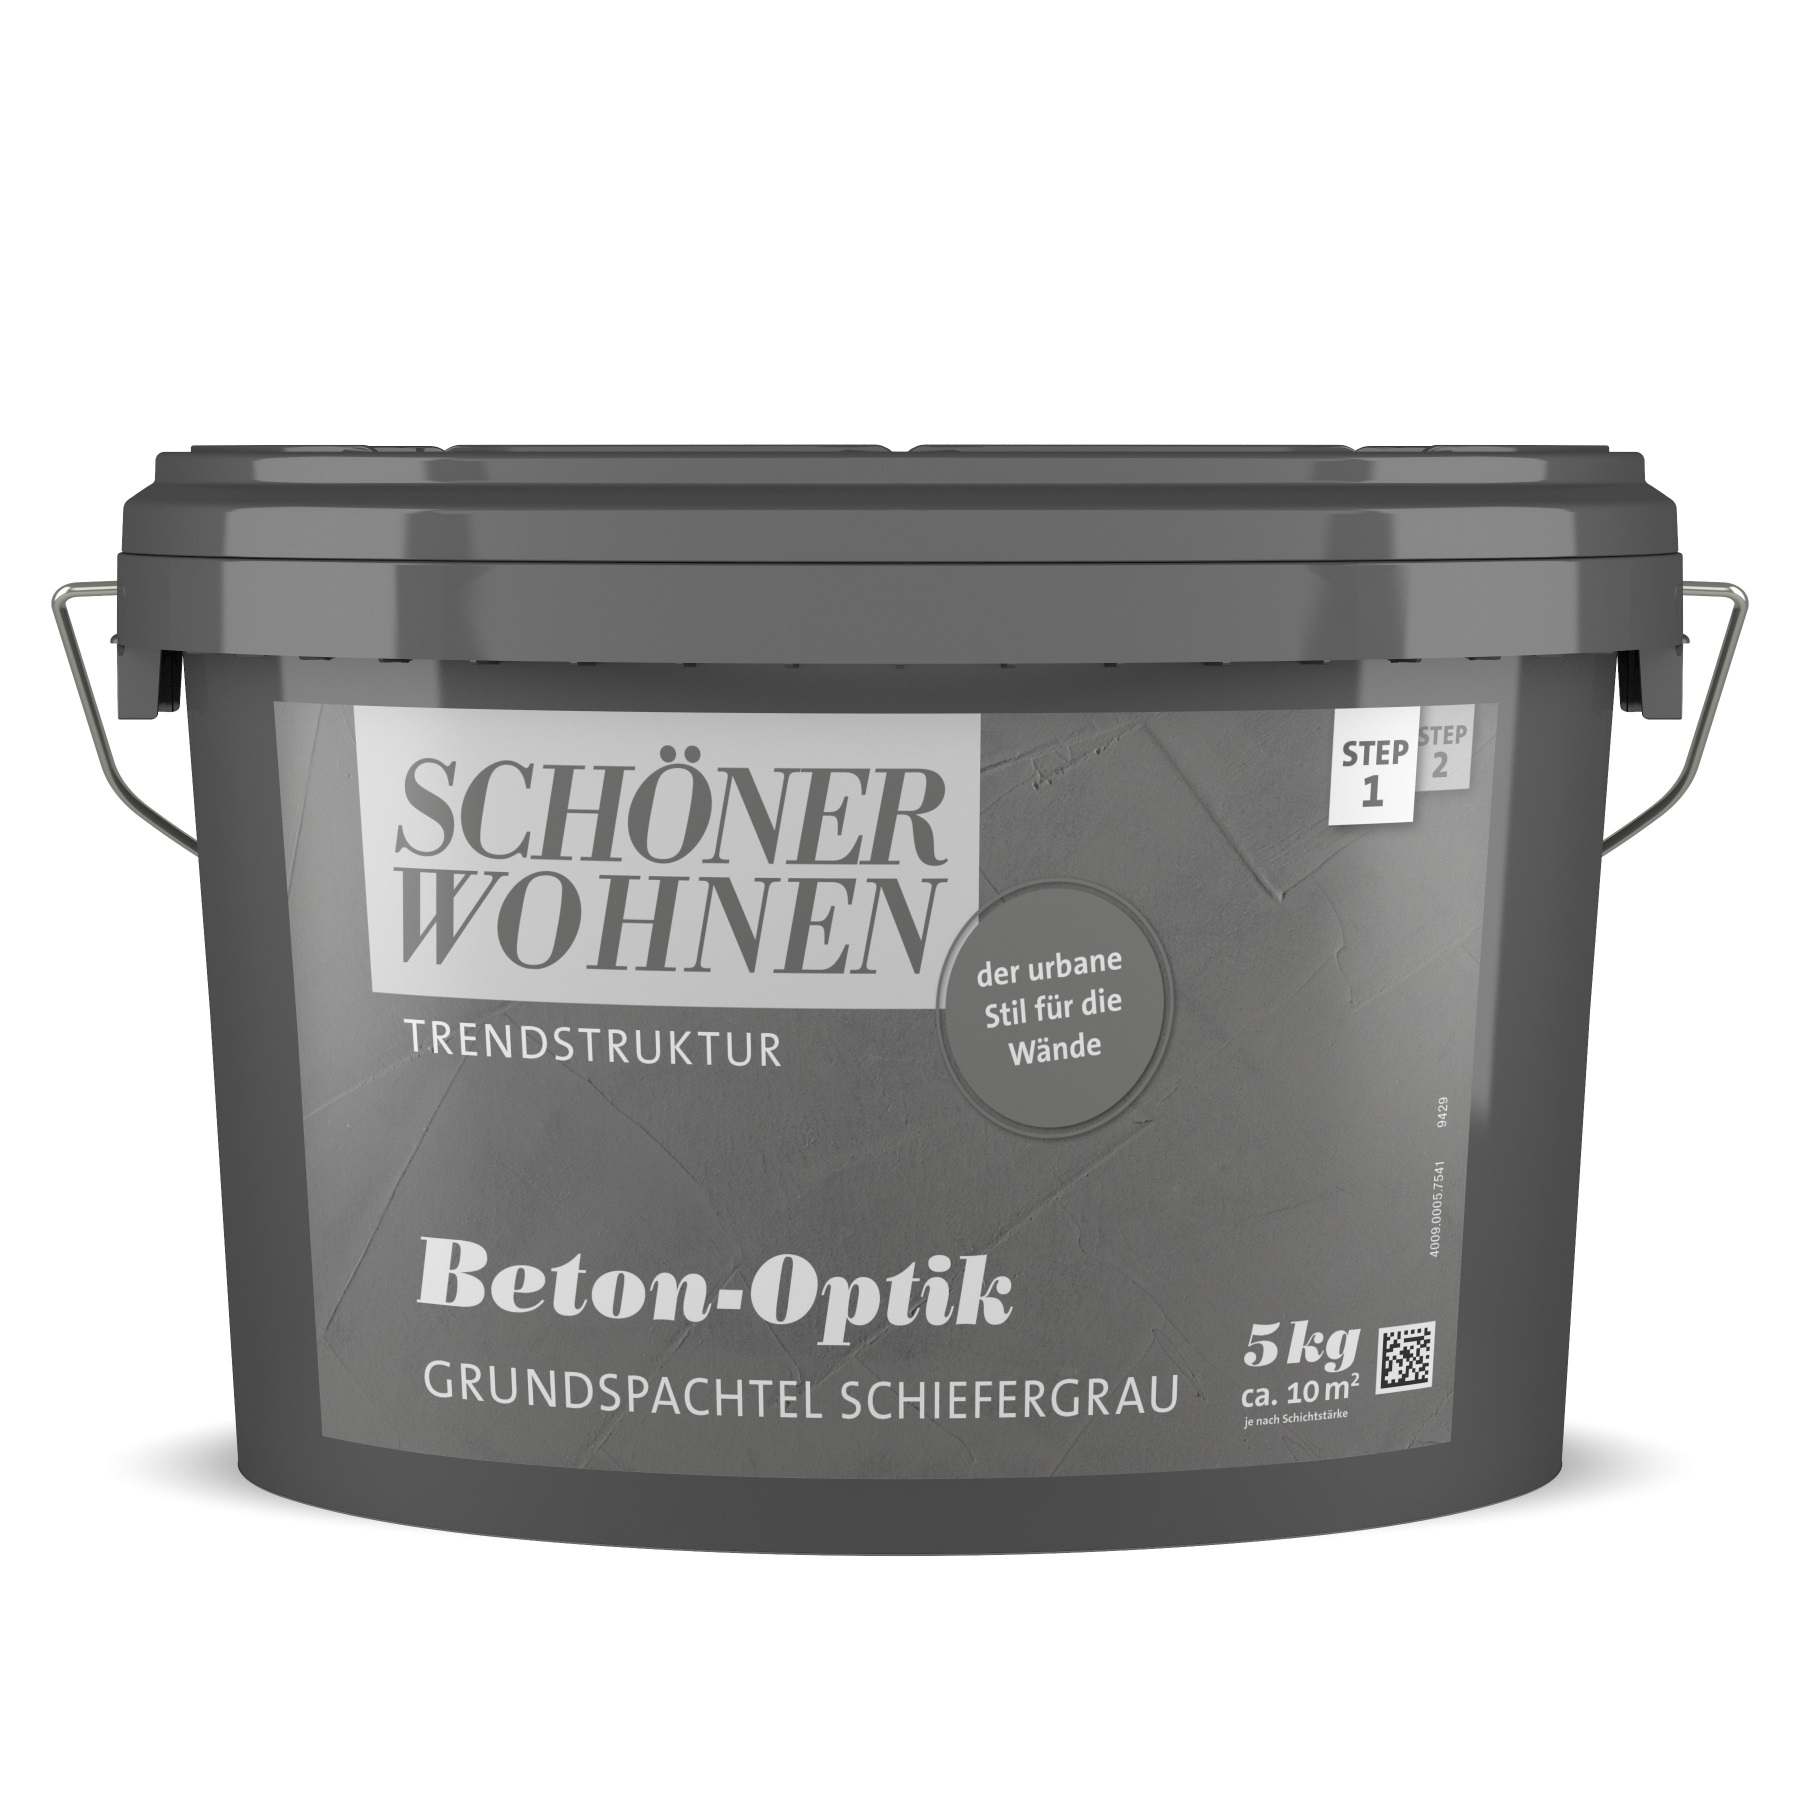 Schöner Wohnen Beton-Optik Grundspachtel Schiefergrau 5 L